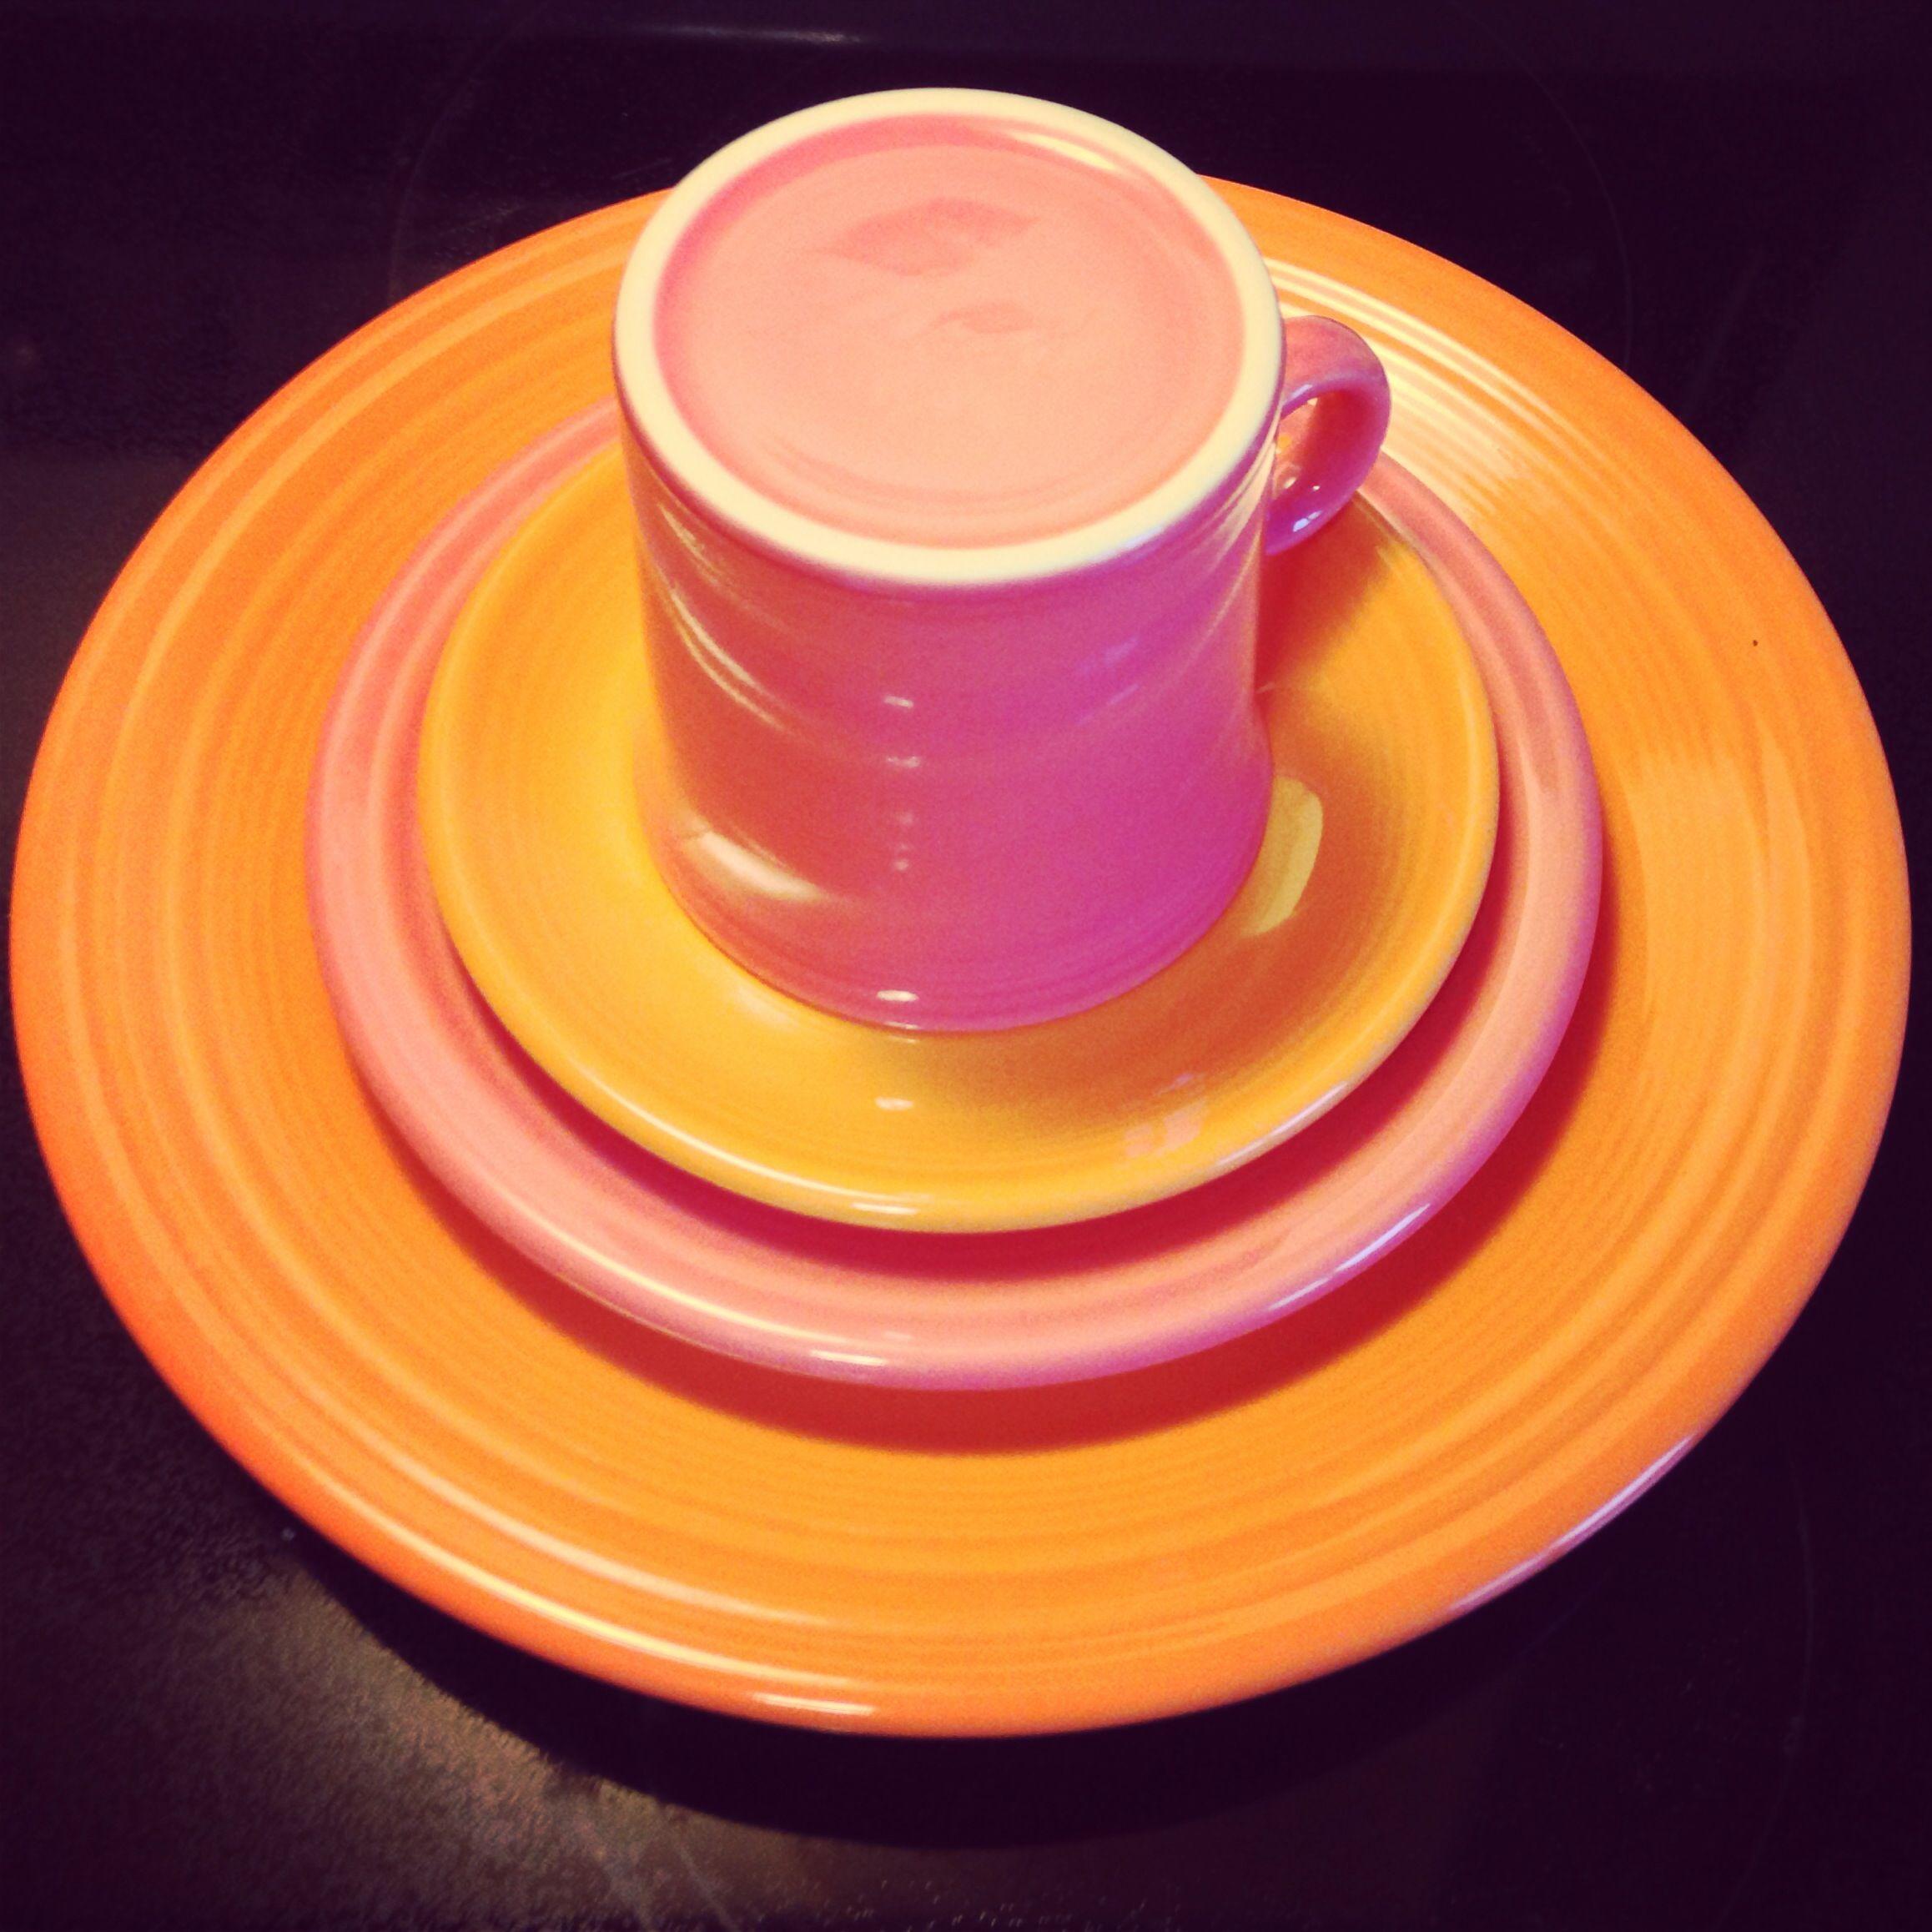 Flamingo \u0026 Tangerine Fiesta®; Flamingo is a retired P86 color. & Flamingo \u0026 Tangerine Fiesta®; Flamingo is a retired P86 color ...